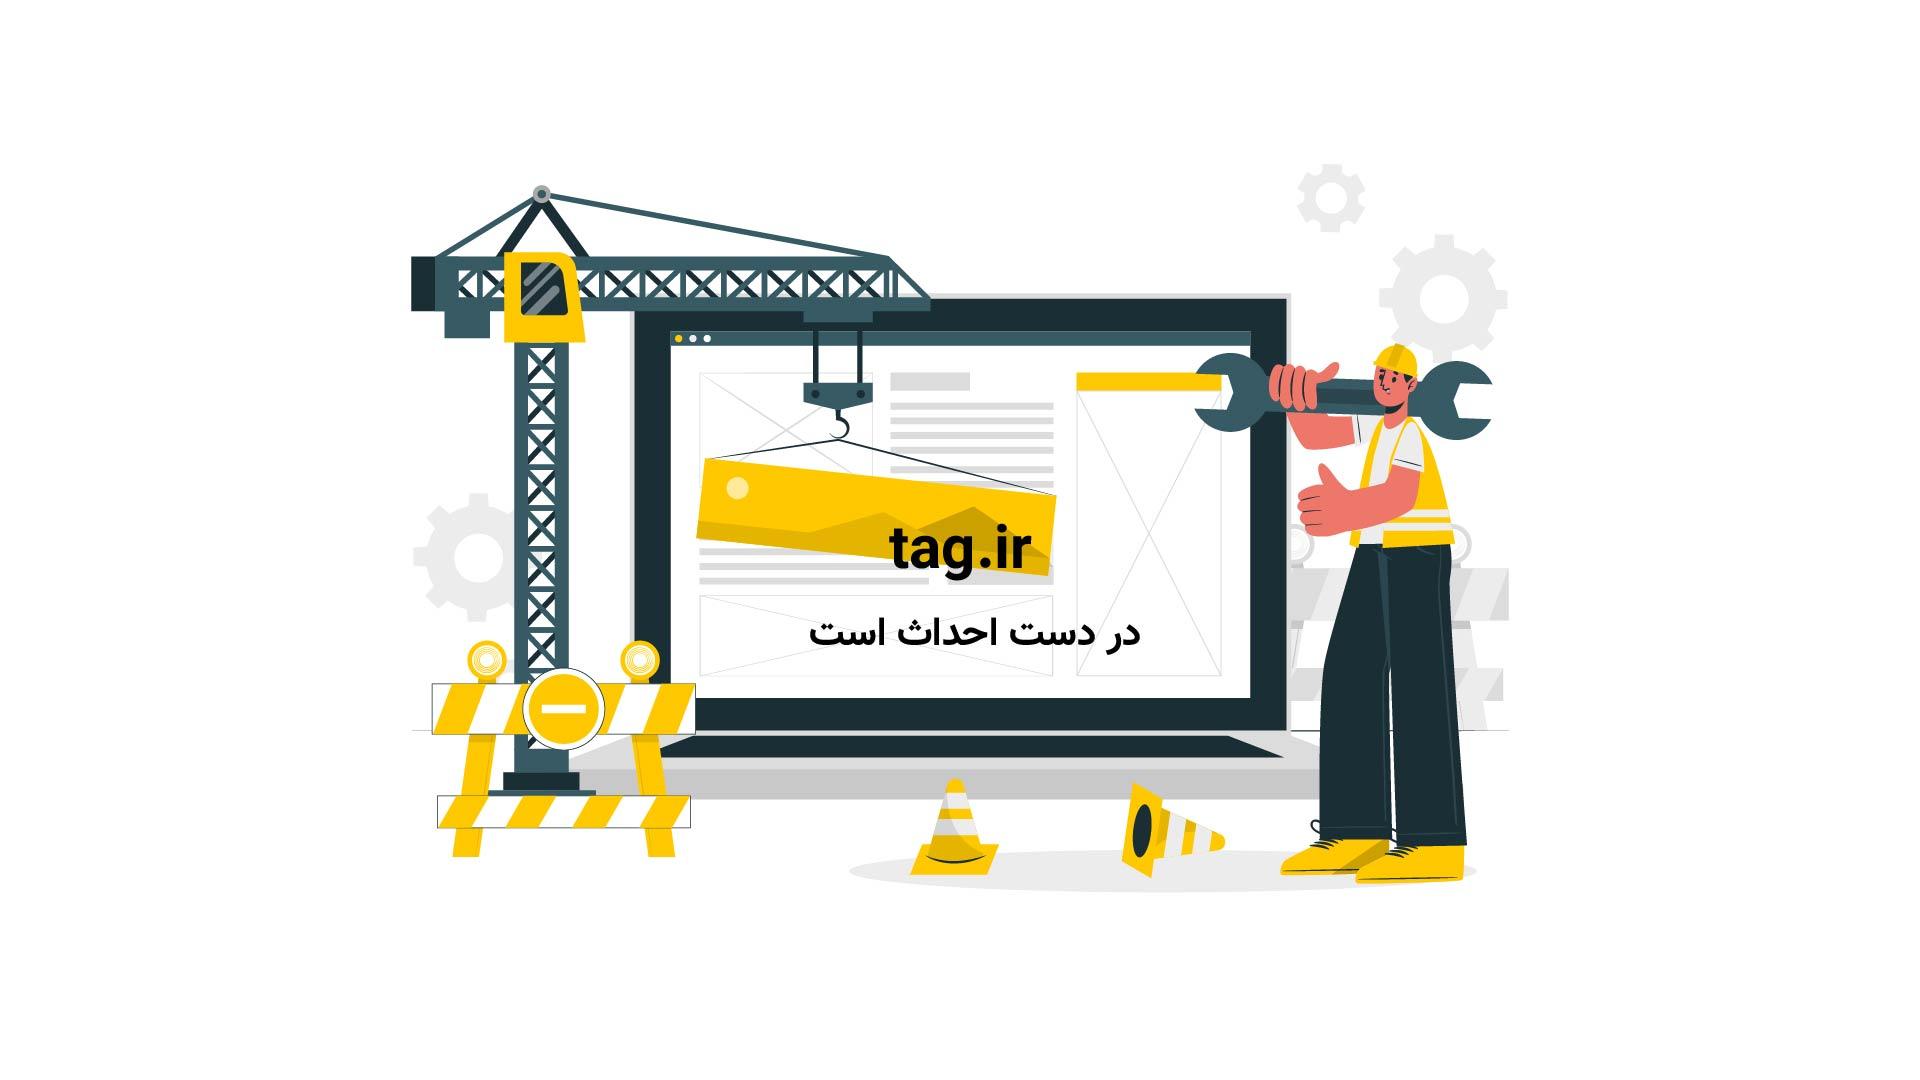 حمله خودرو به نمازگزاران عید فطر در نیوکاسل | فیلم